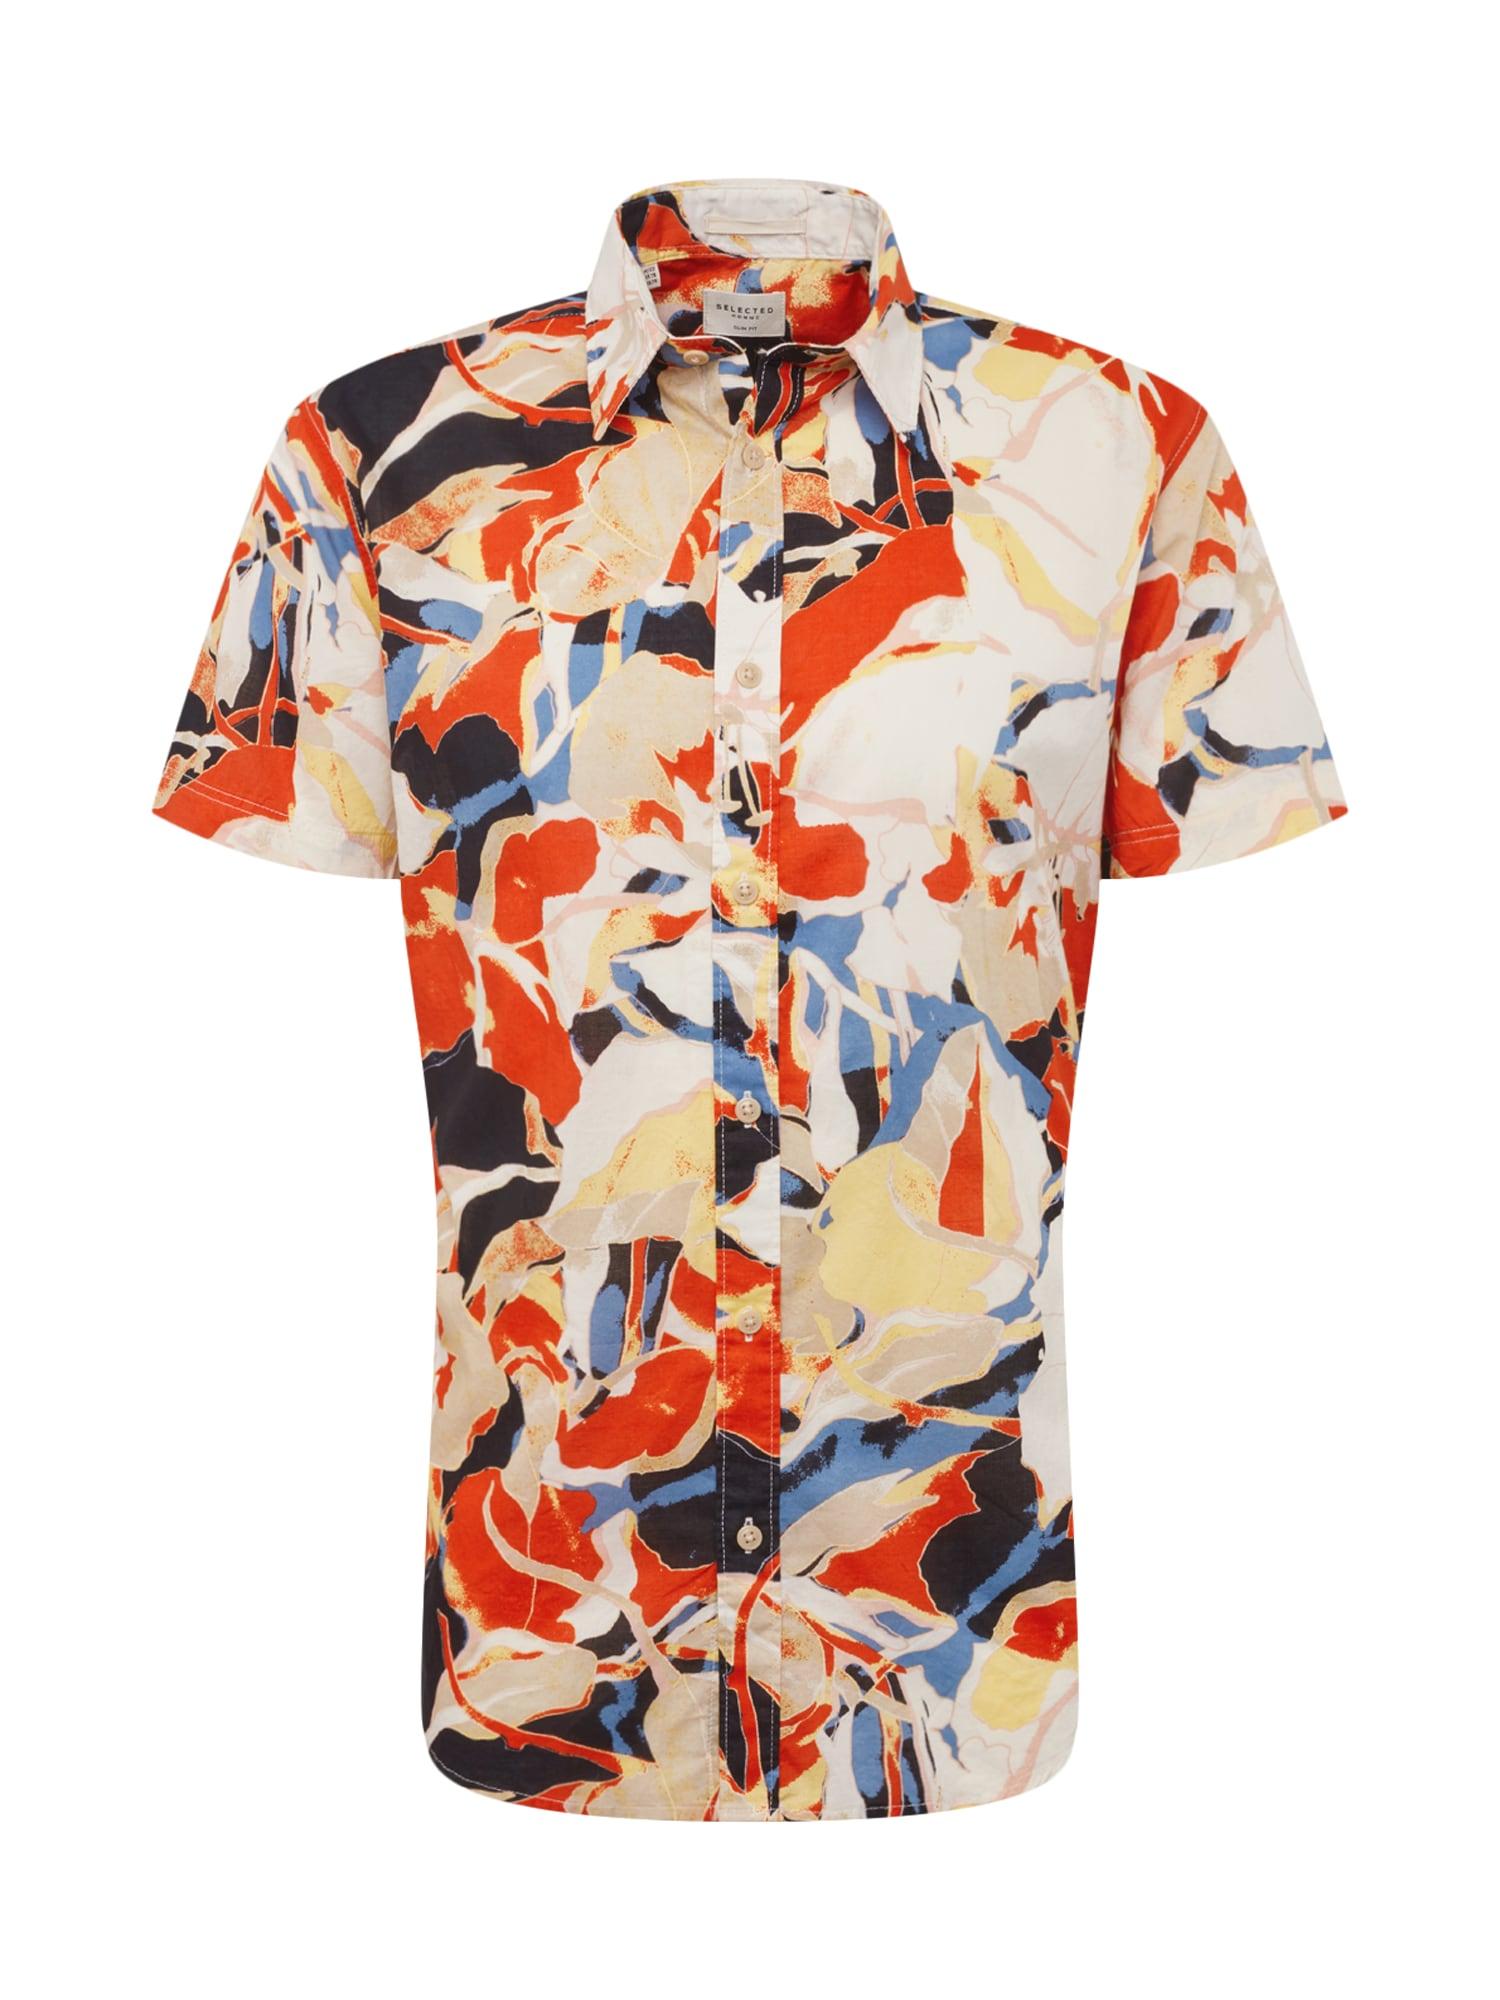 Košile TOKYO béžová oranžová červená SELECTED HOMME